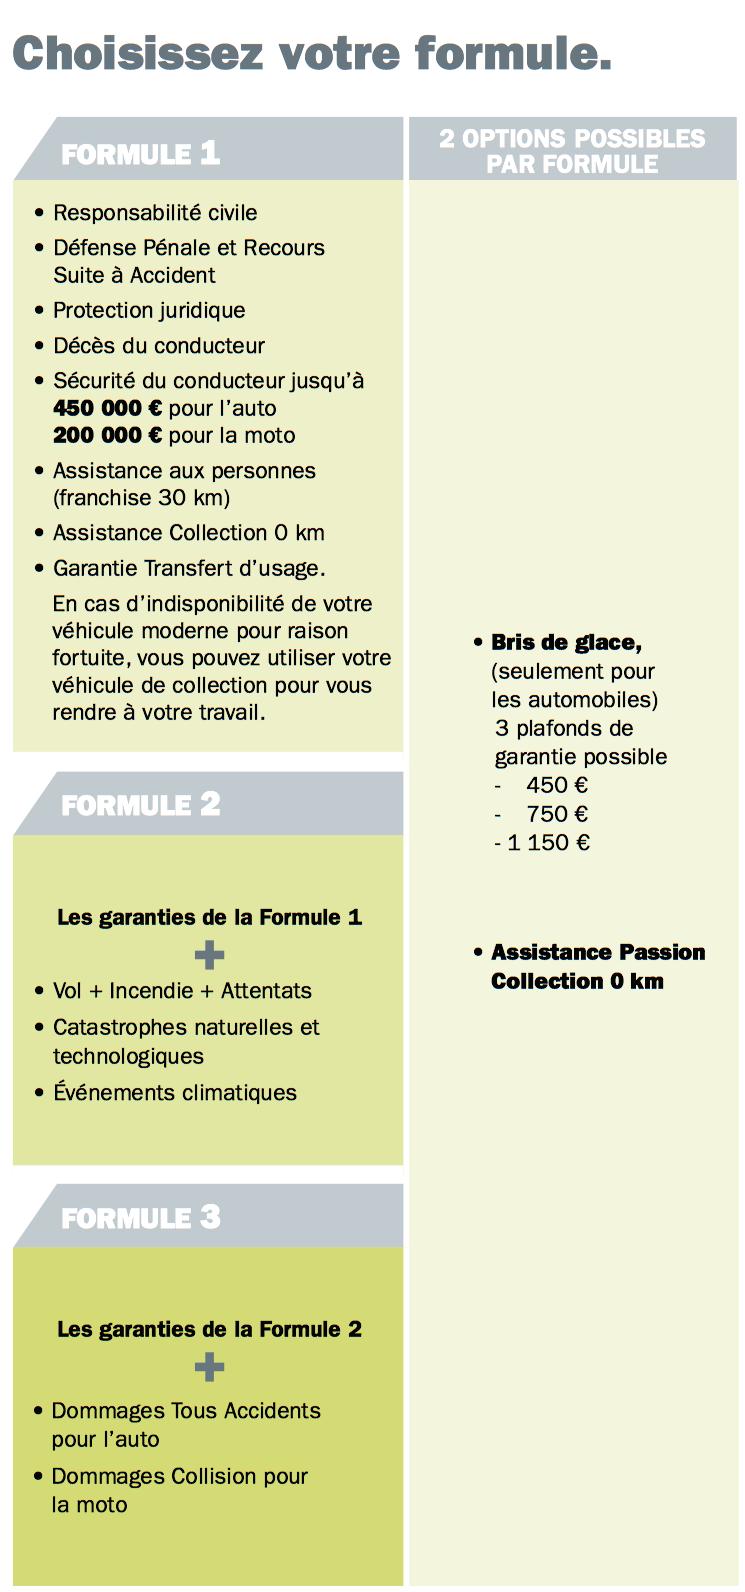 assurance vehicule de collection